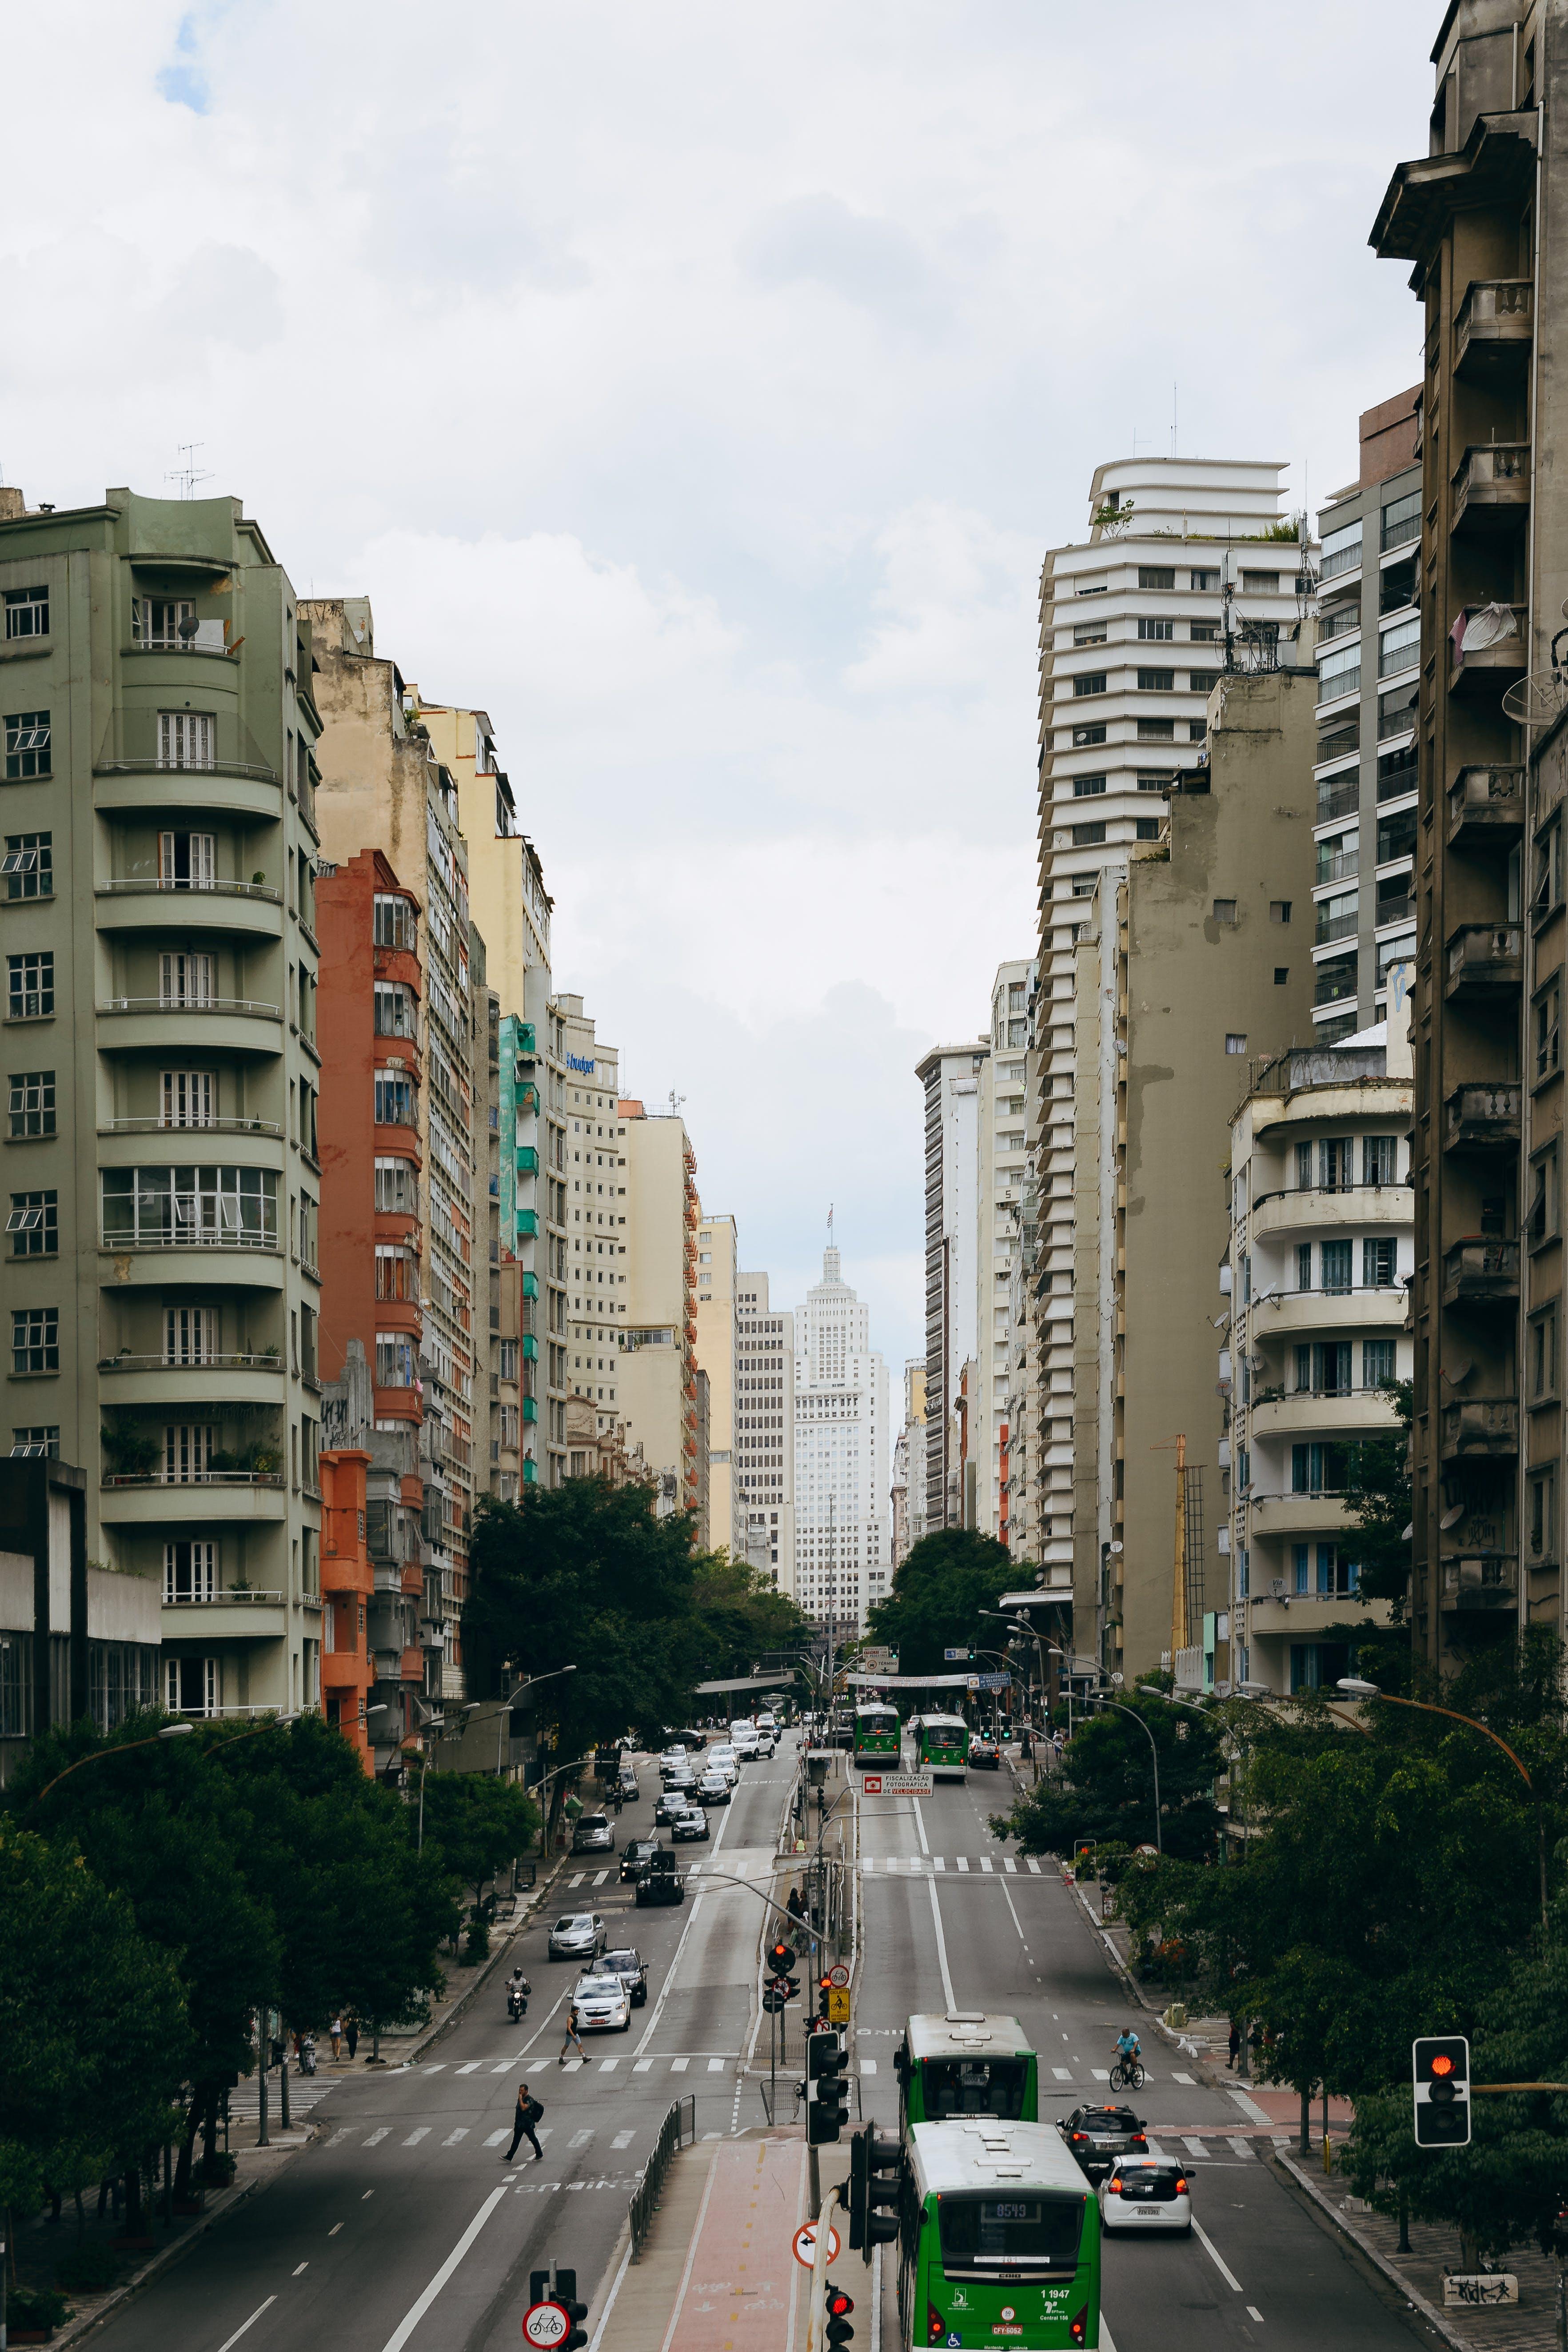 Kostenloses Stock Foto zu architektur, architekturdesign, autos, bäume